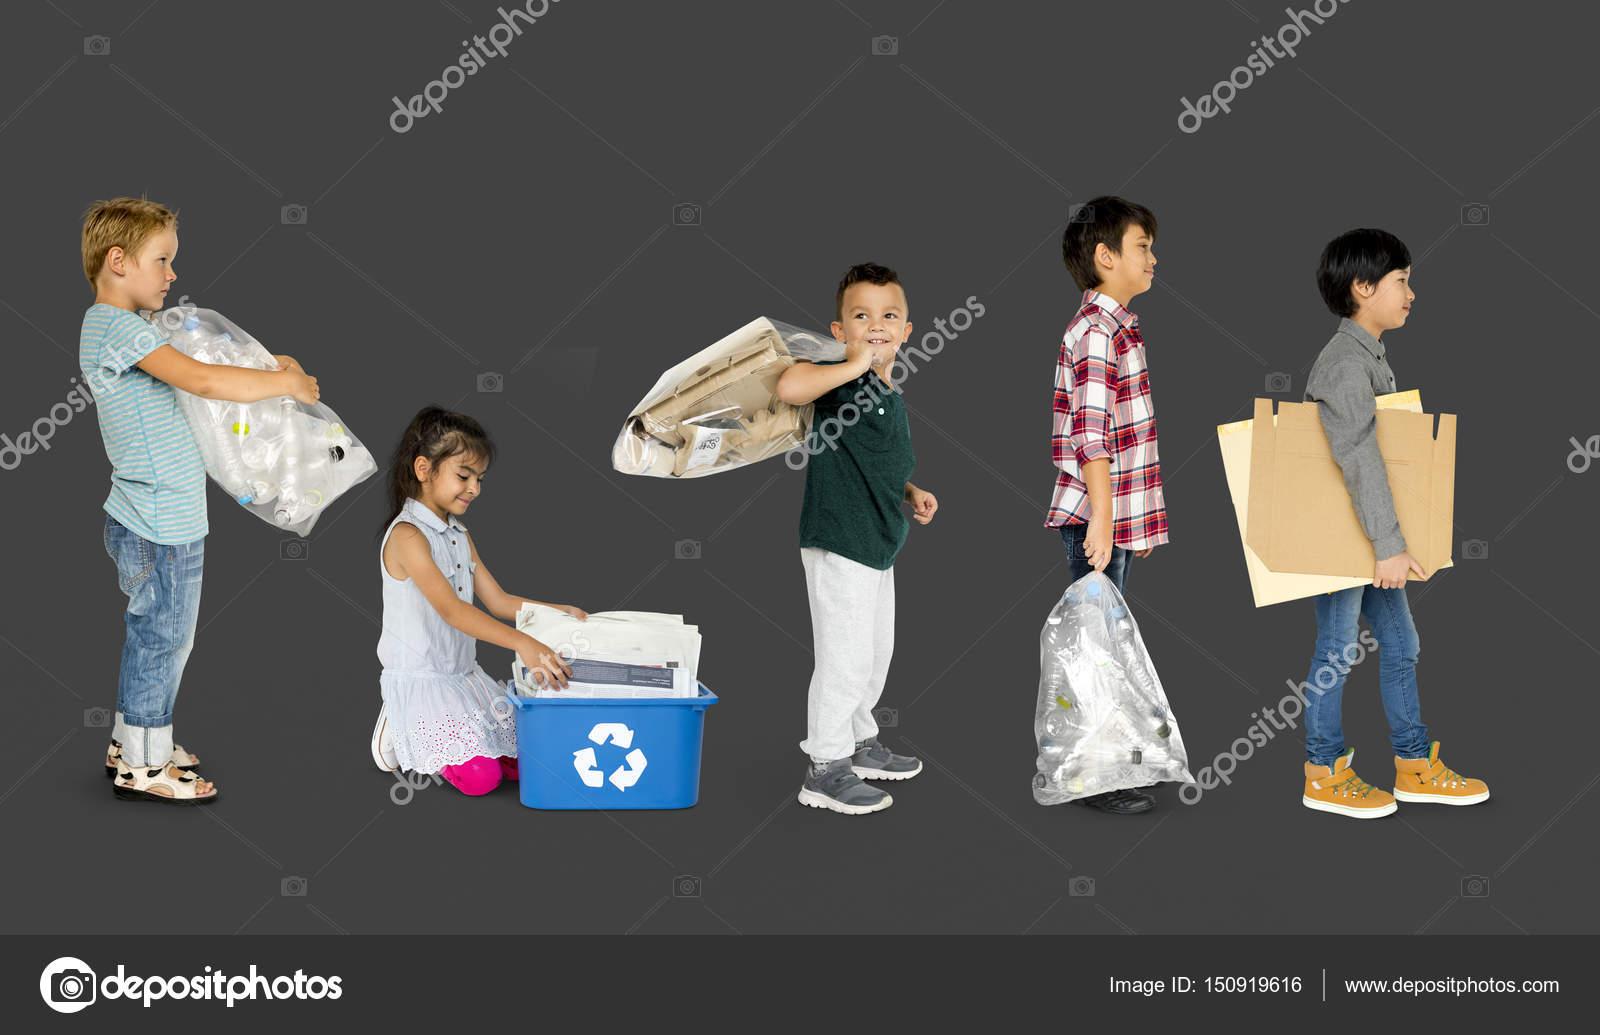 Fotos Ninos Reciclando Basura Ninos Reciclaje Basura Foto De